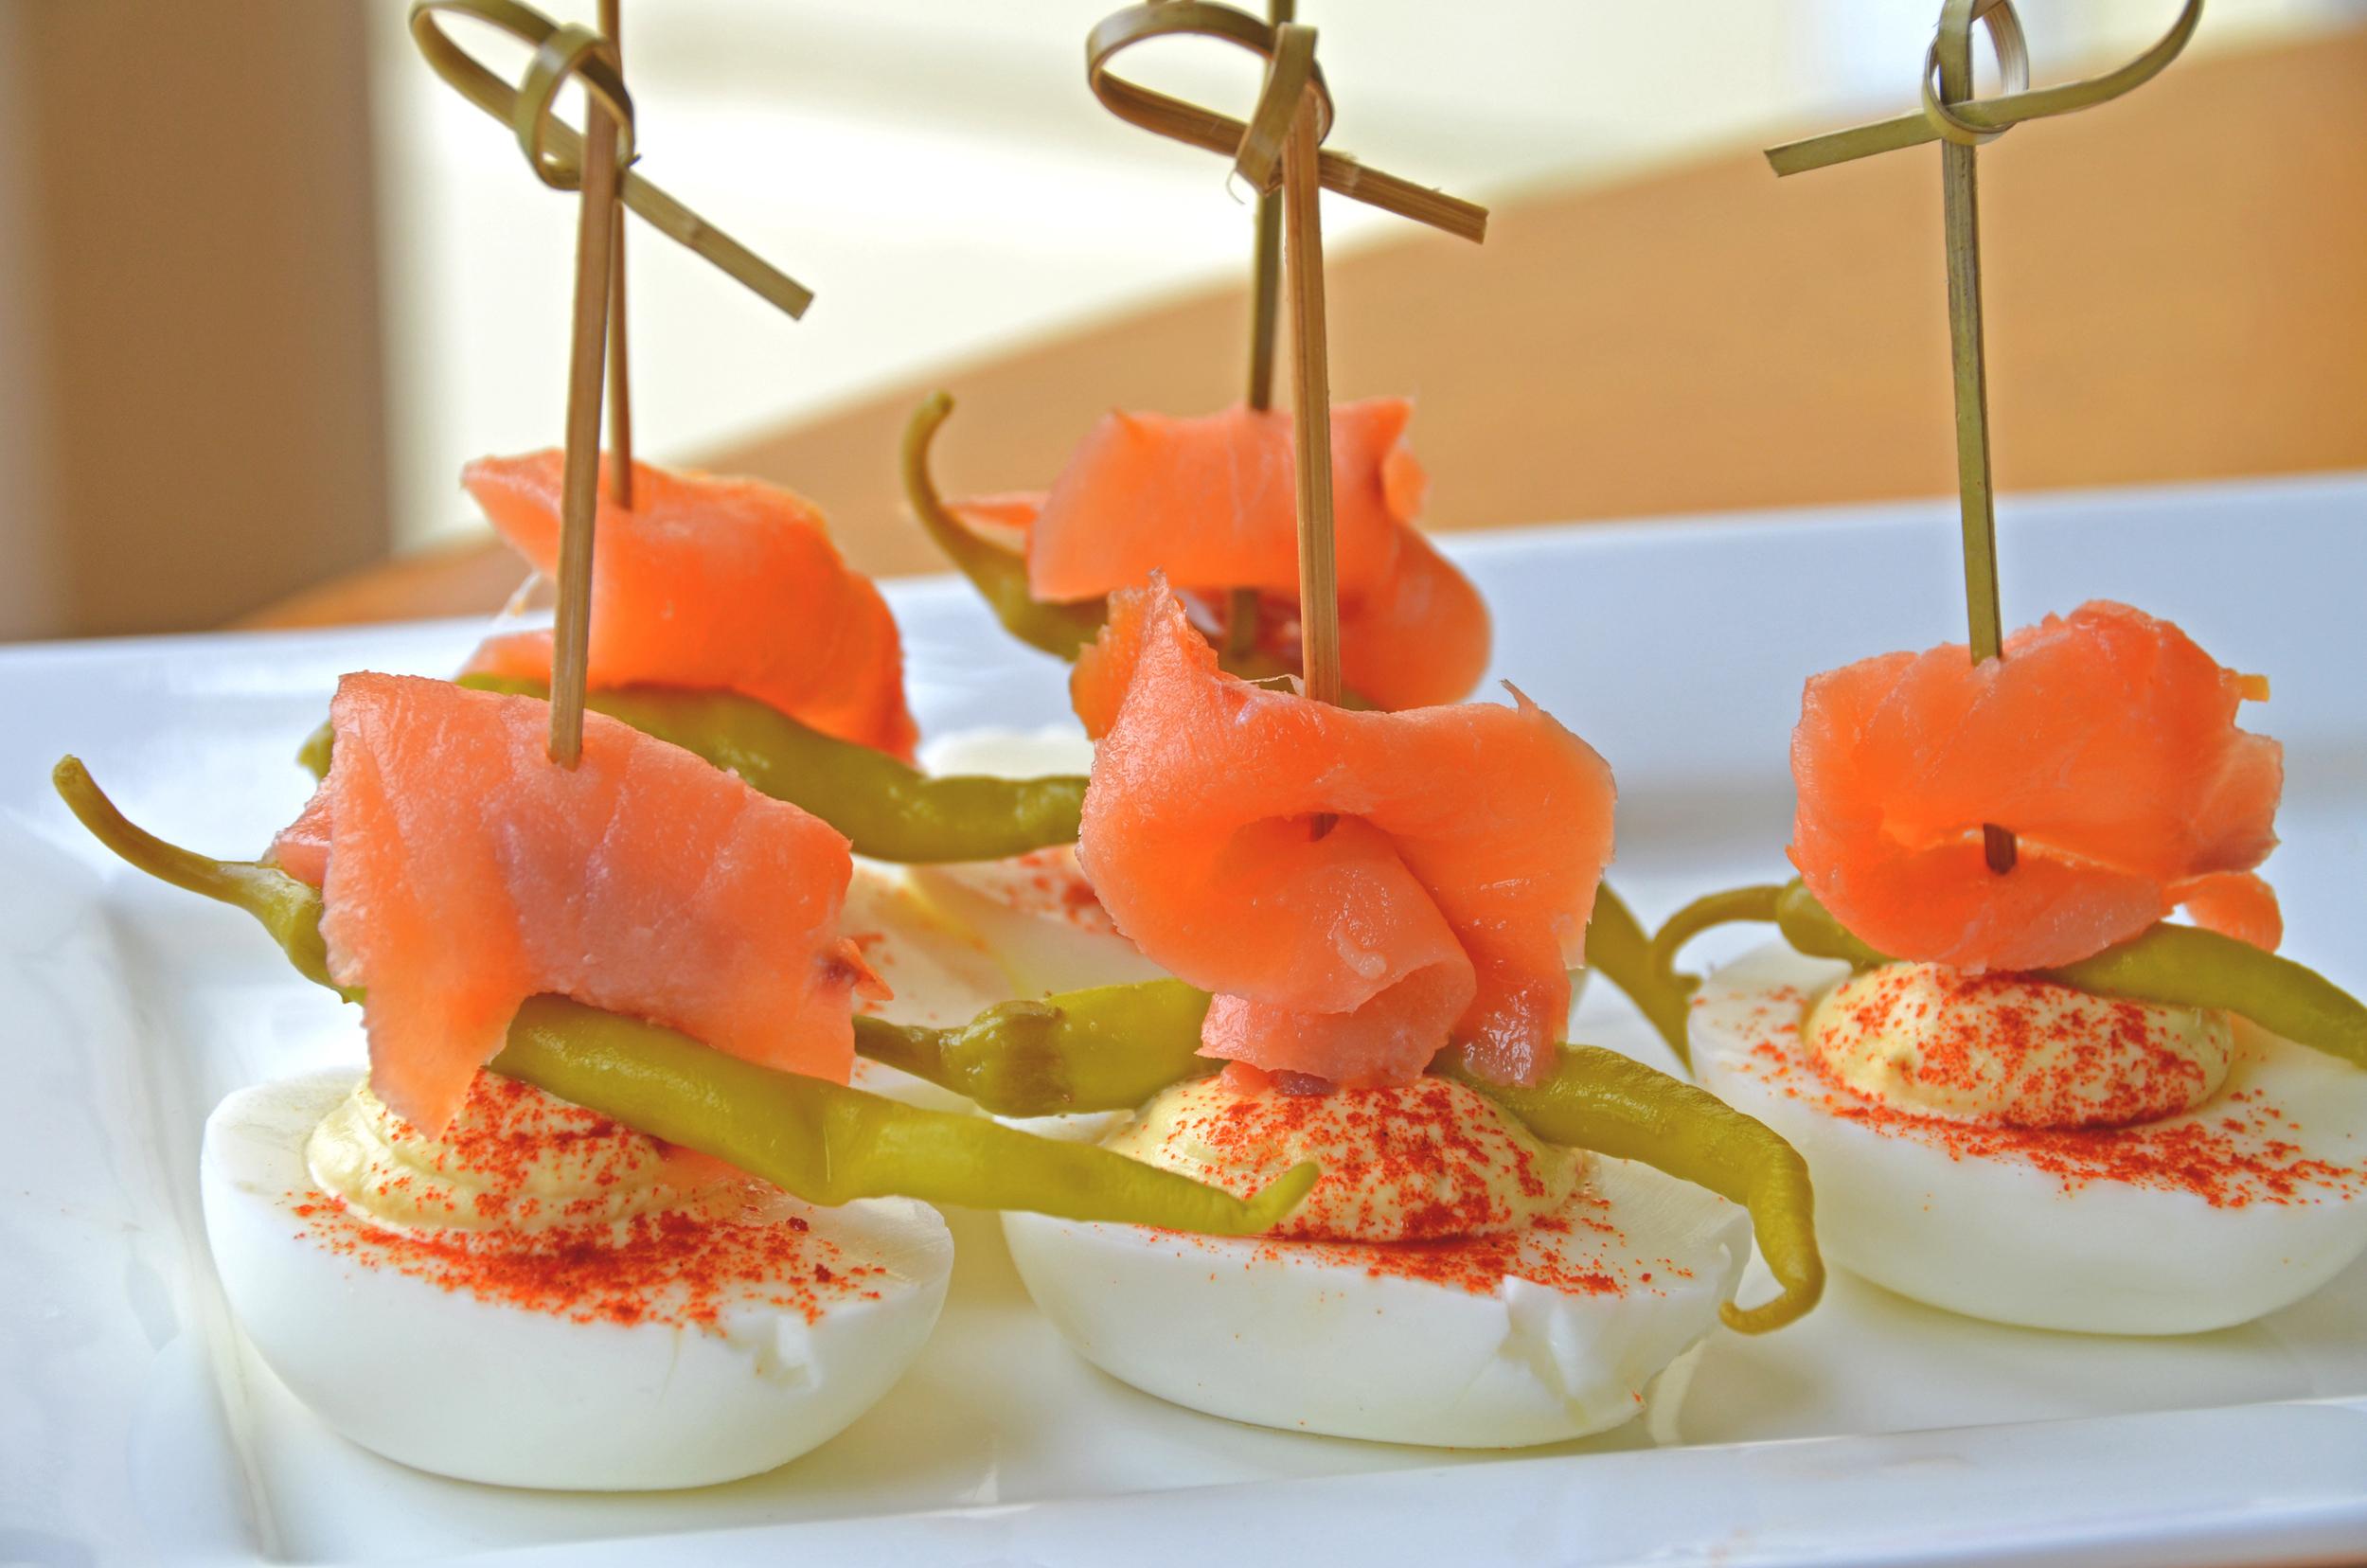 Food by SFBocados.com